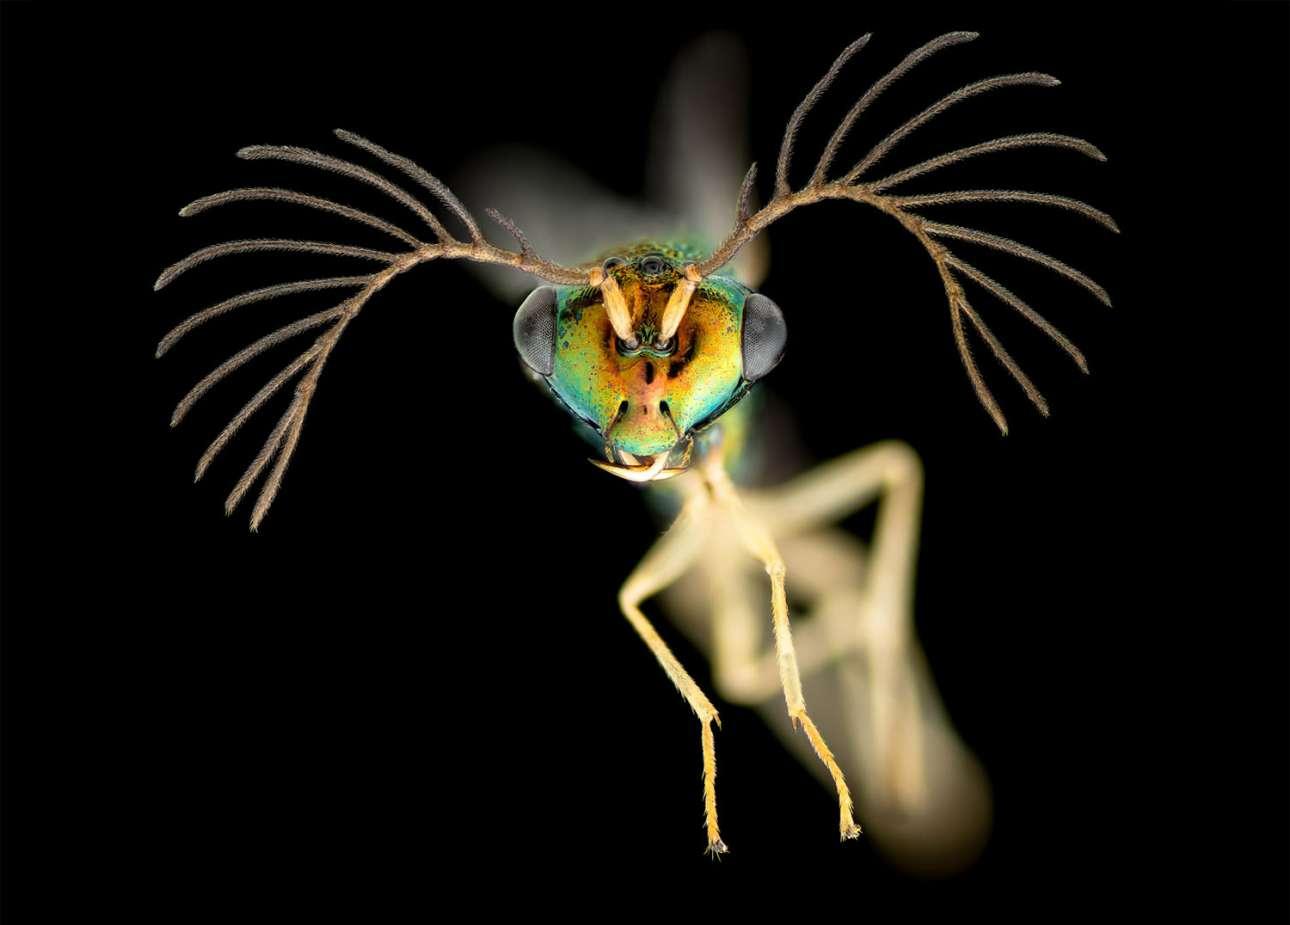 Τιμητική διάκριση: Αρσενική σφήκα από τα Φίτζι, μεγεθυσμένη τέσσερις φορές